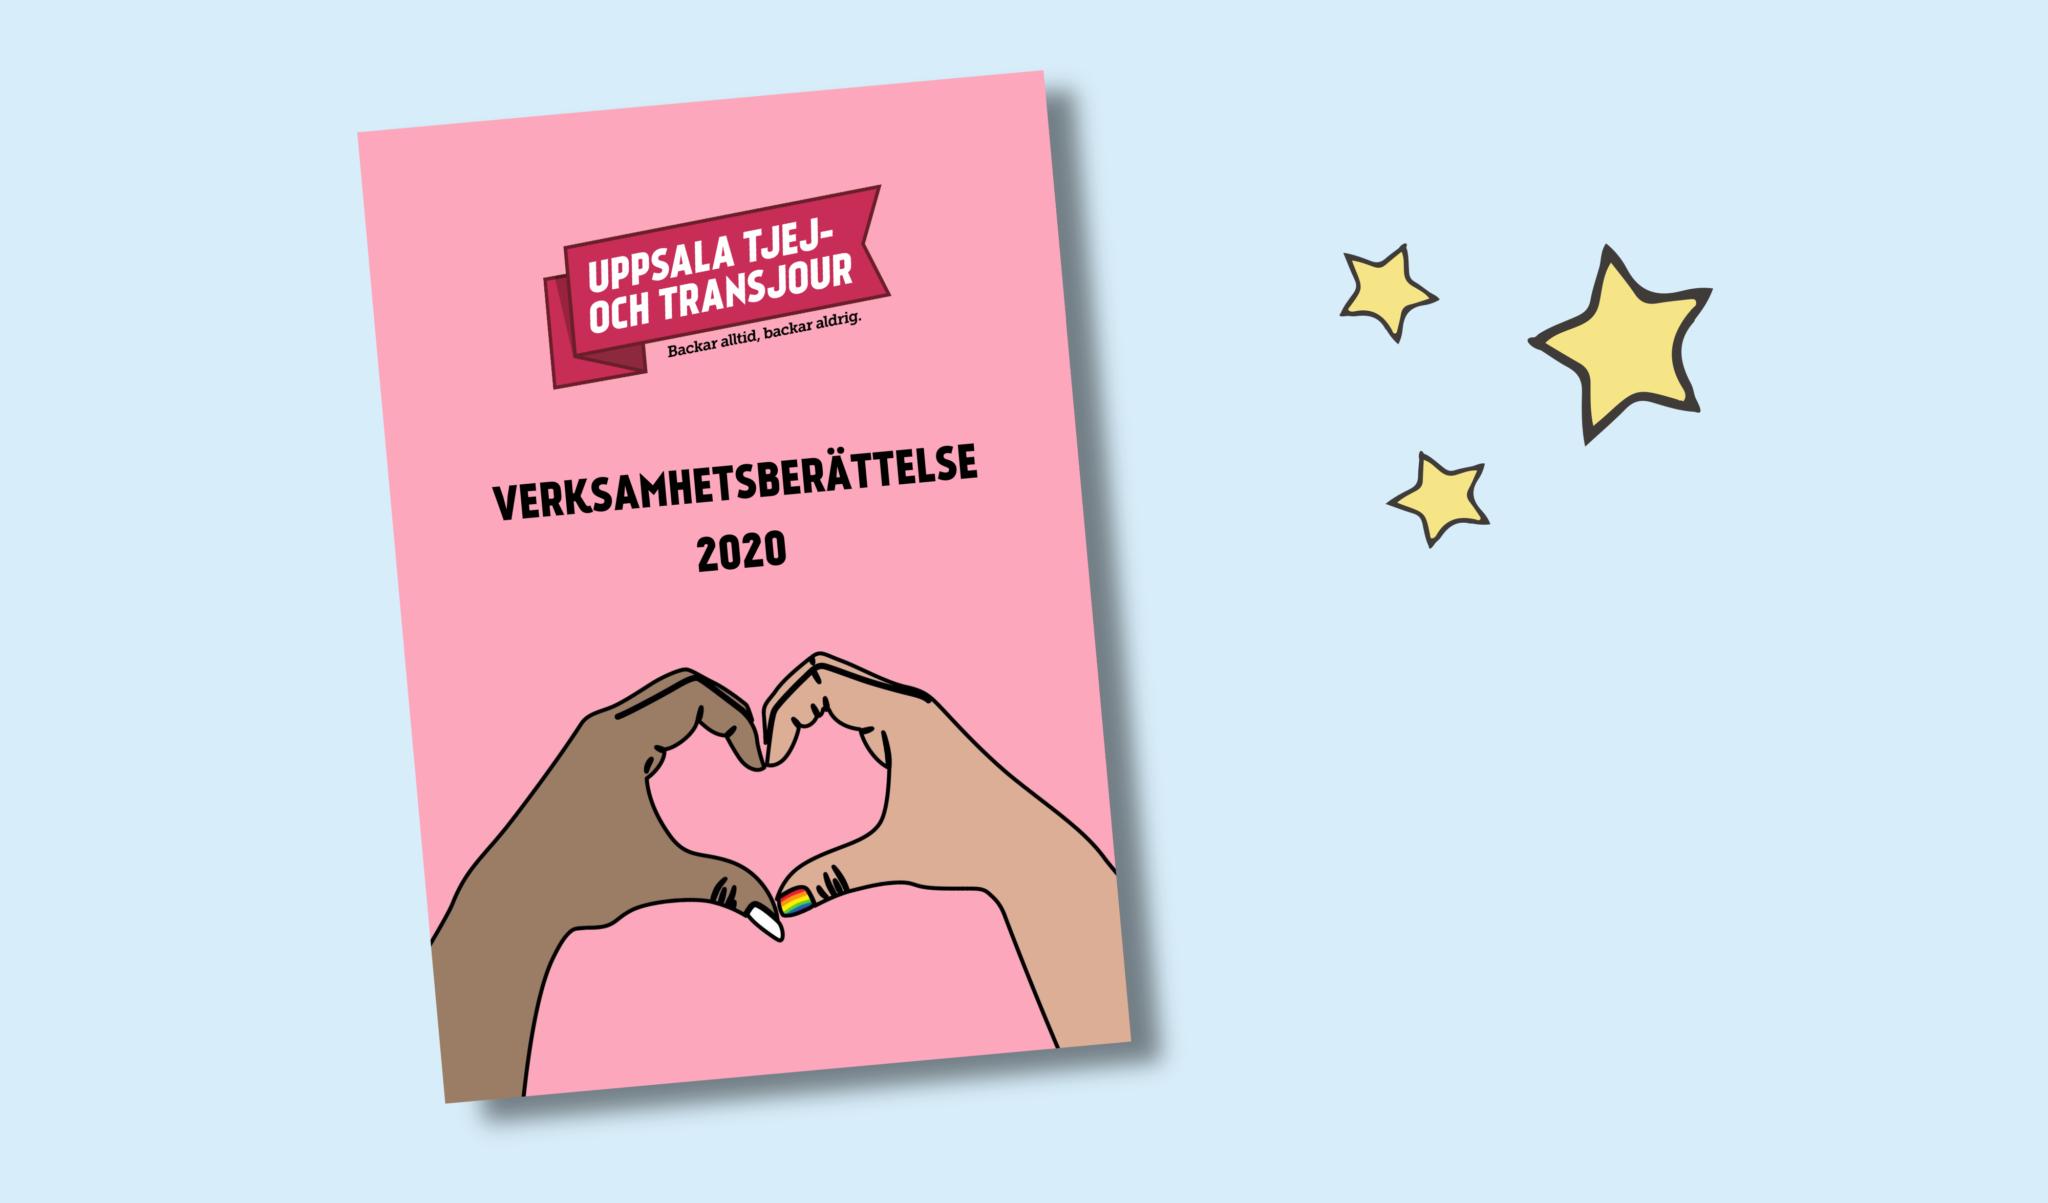 Bild på framsidan av Uppsala tjej- och transjours verksamhetsberättelse 2020. Ljusblå bakgrund och illustrerade stjärnor bredvid.